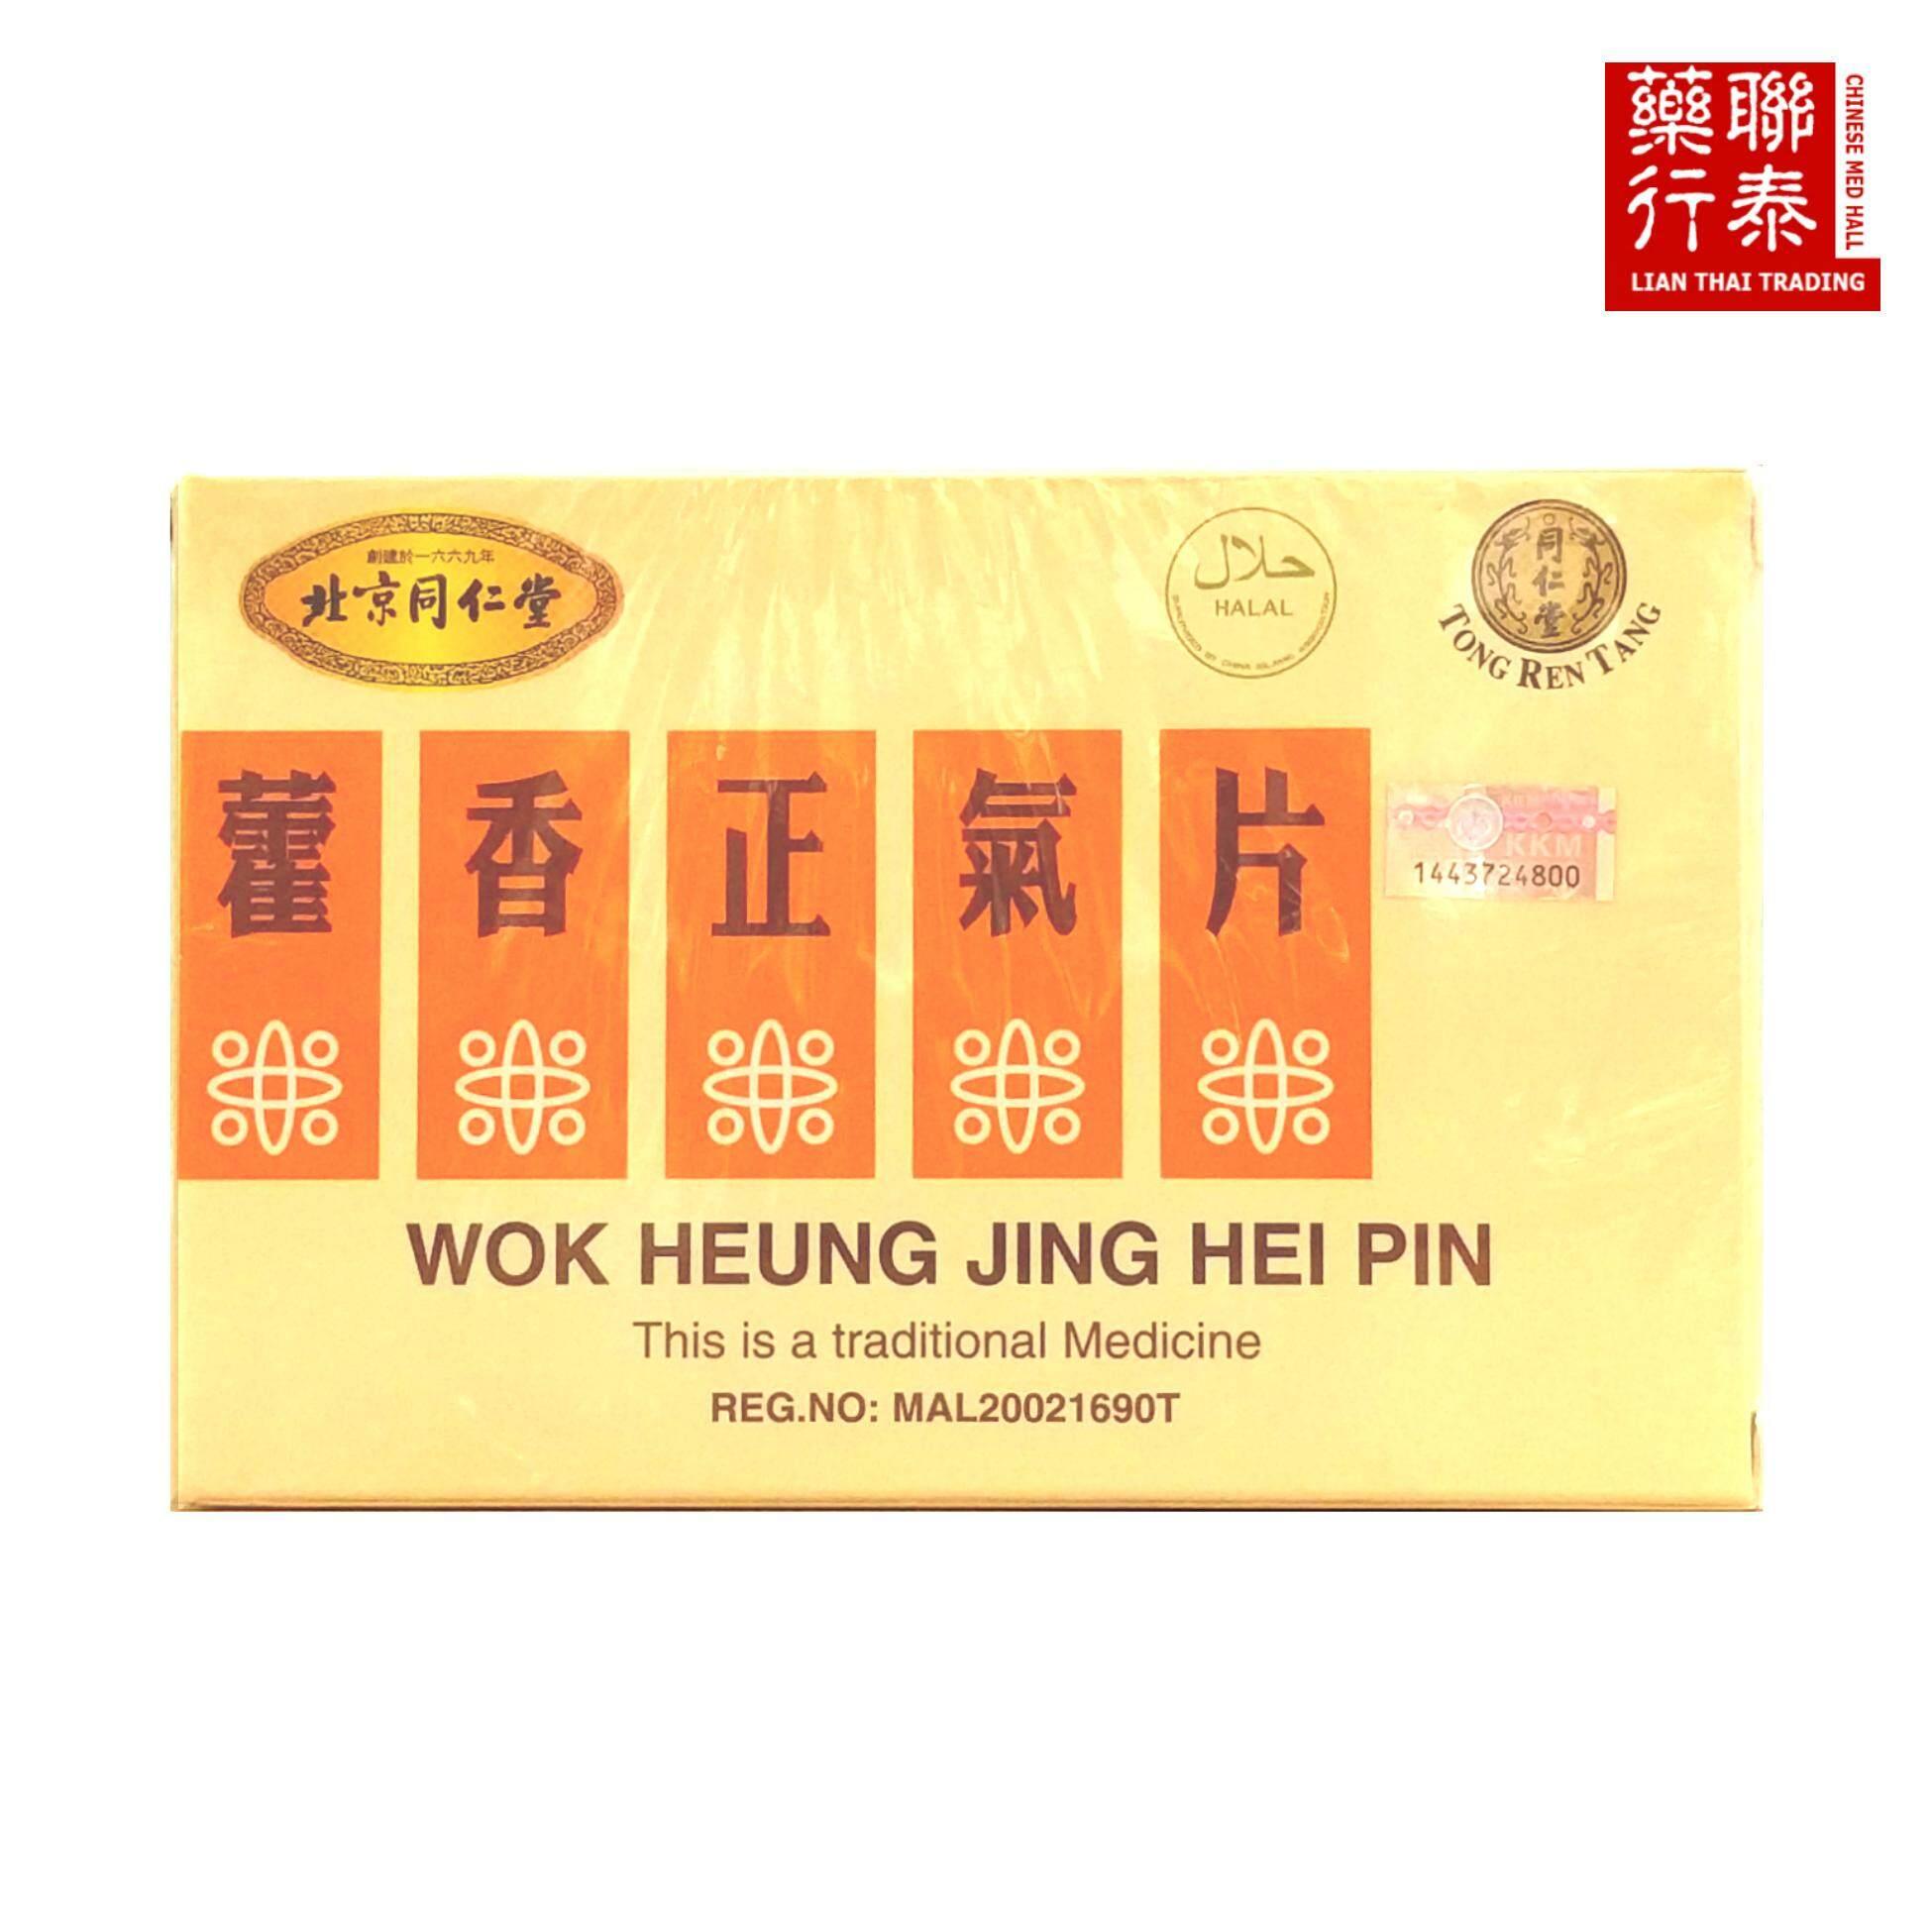 Beijing Tong Ren Tang Buy At Best Price In Niu Huang Wan Wok Heung Jing Hei Pin 1212s